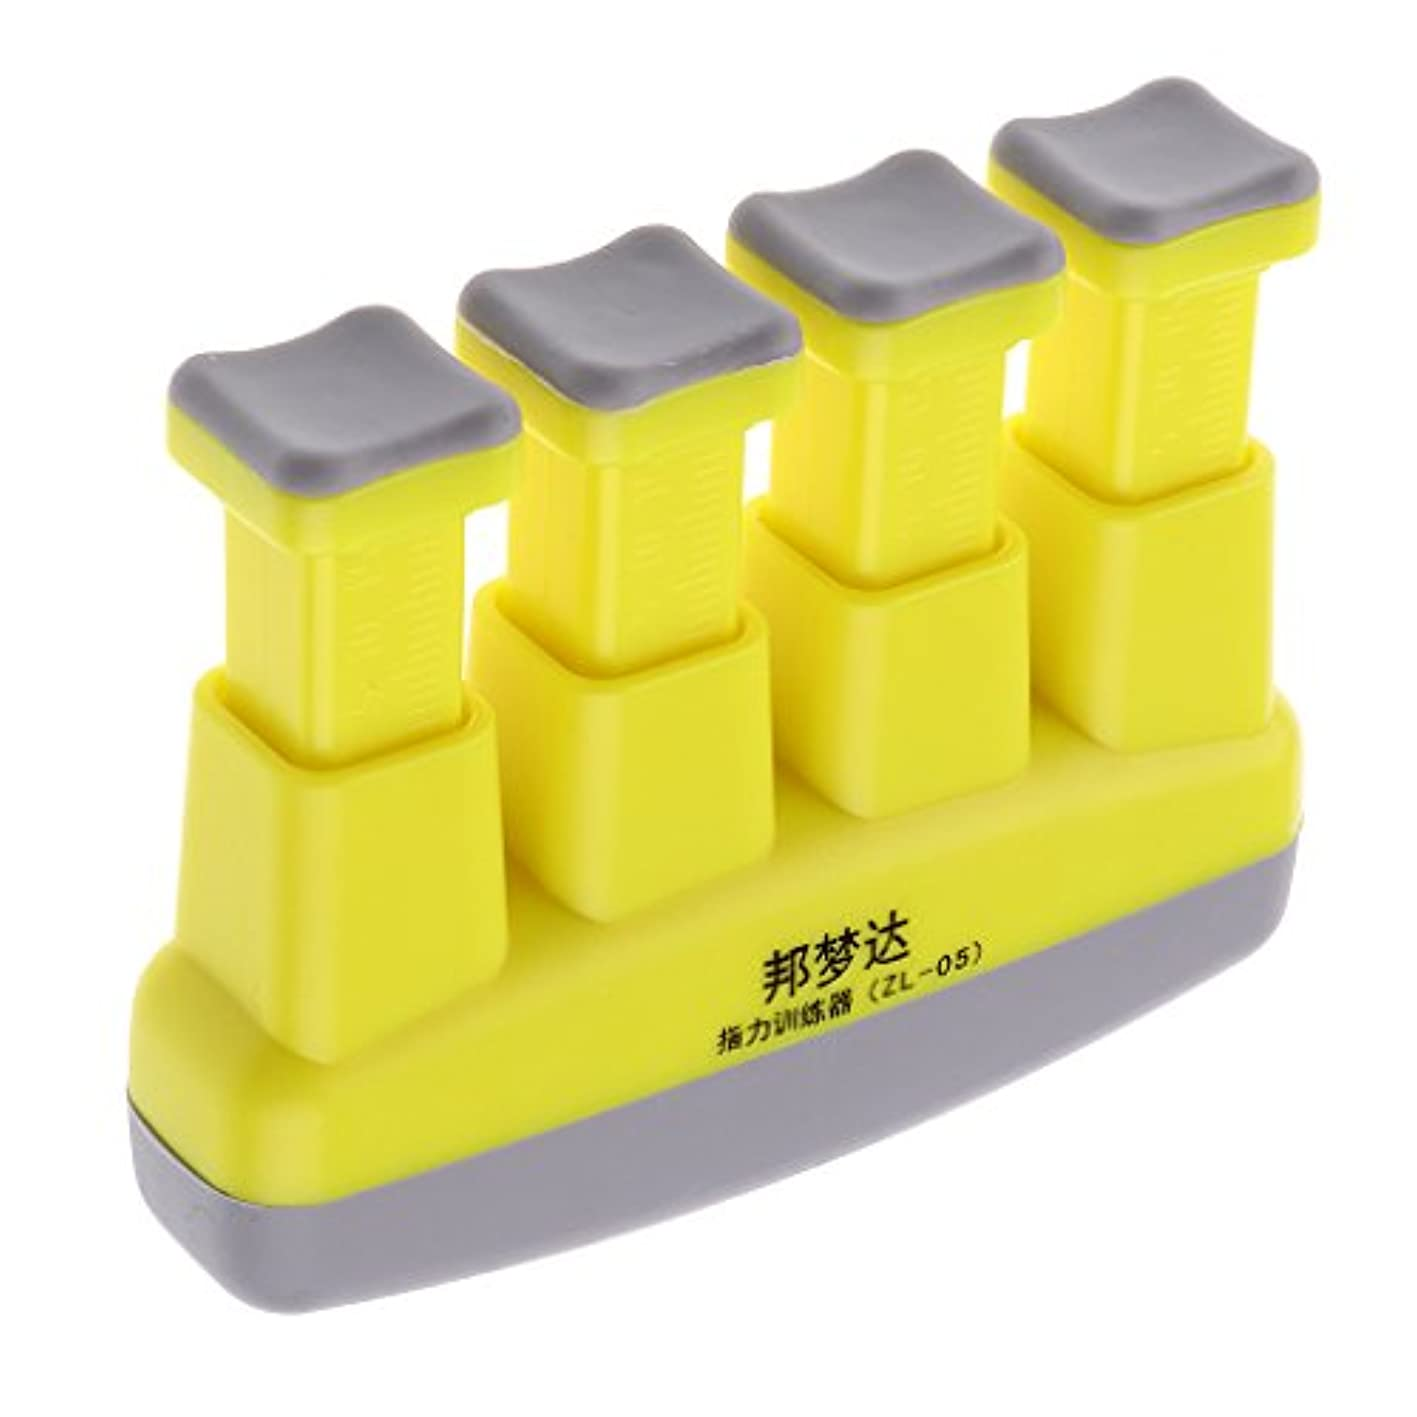 没頭する説得排出ハンドグリップ エクササイザ 4-6ポンド 調節可 ハンド 手首 腕 グリップ グリッパー 黄色 ABS +シリコン